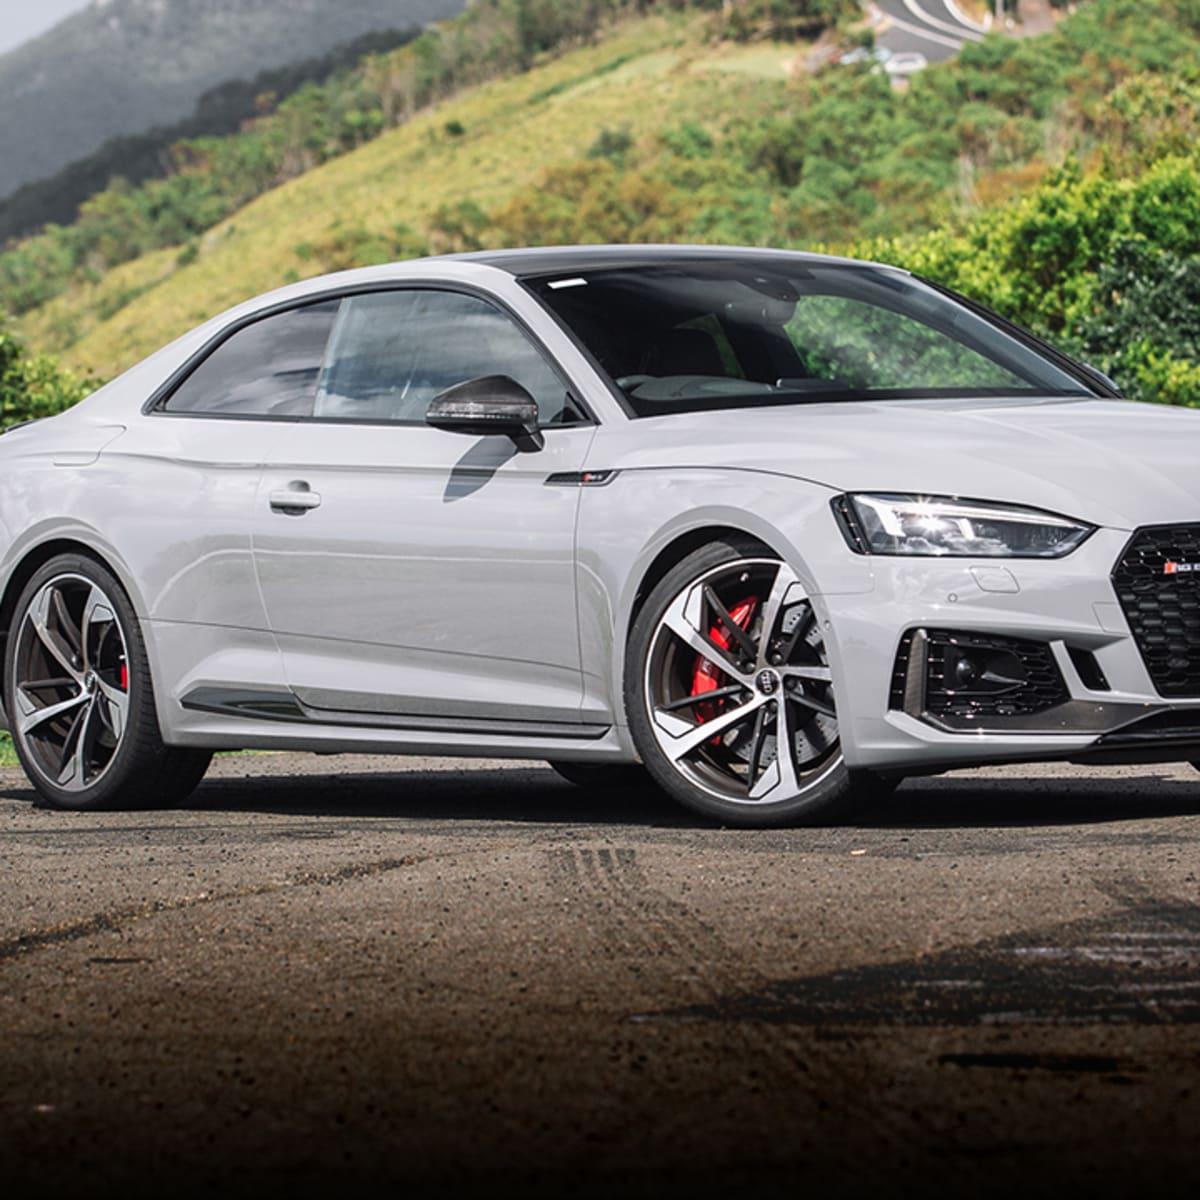 Kelebihan Kekurangan Audi Rs5 2018 Harga